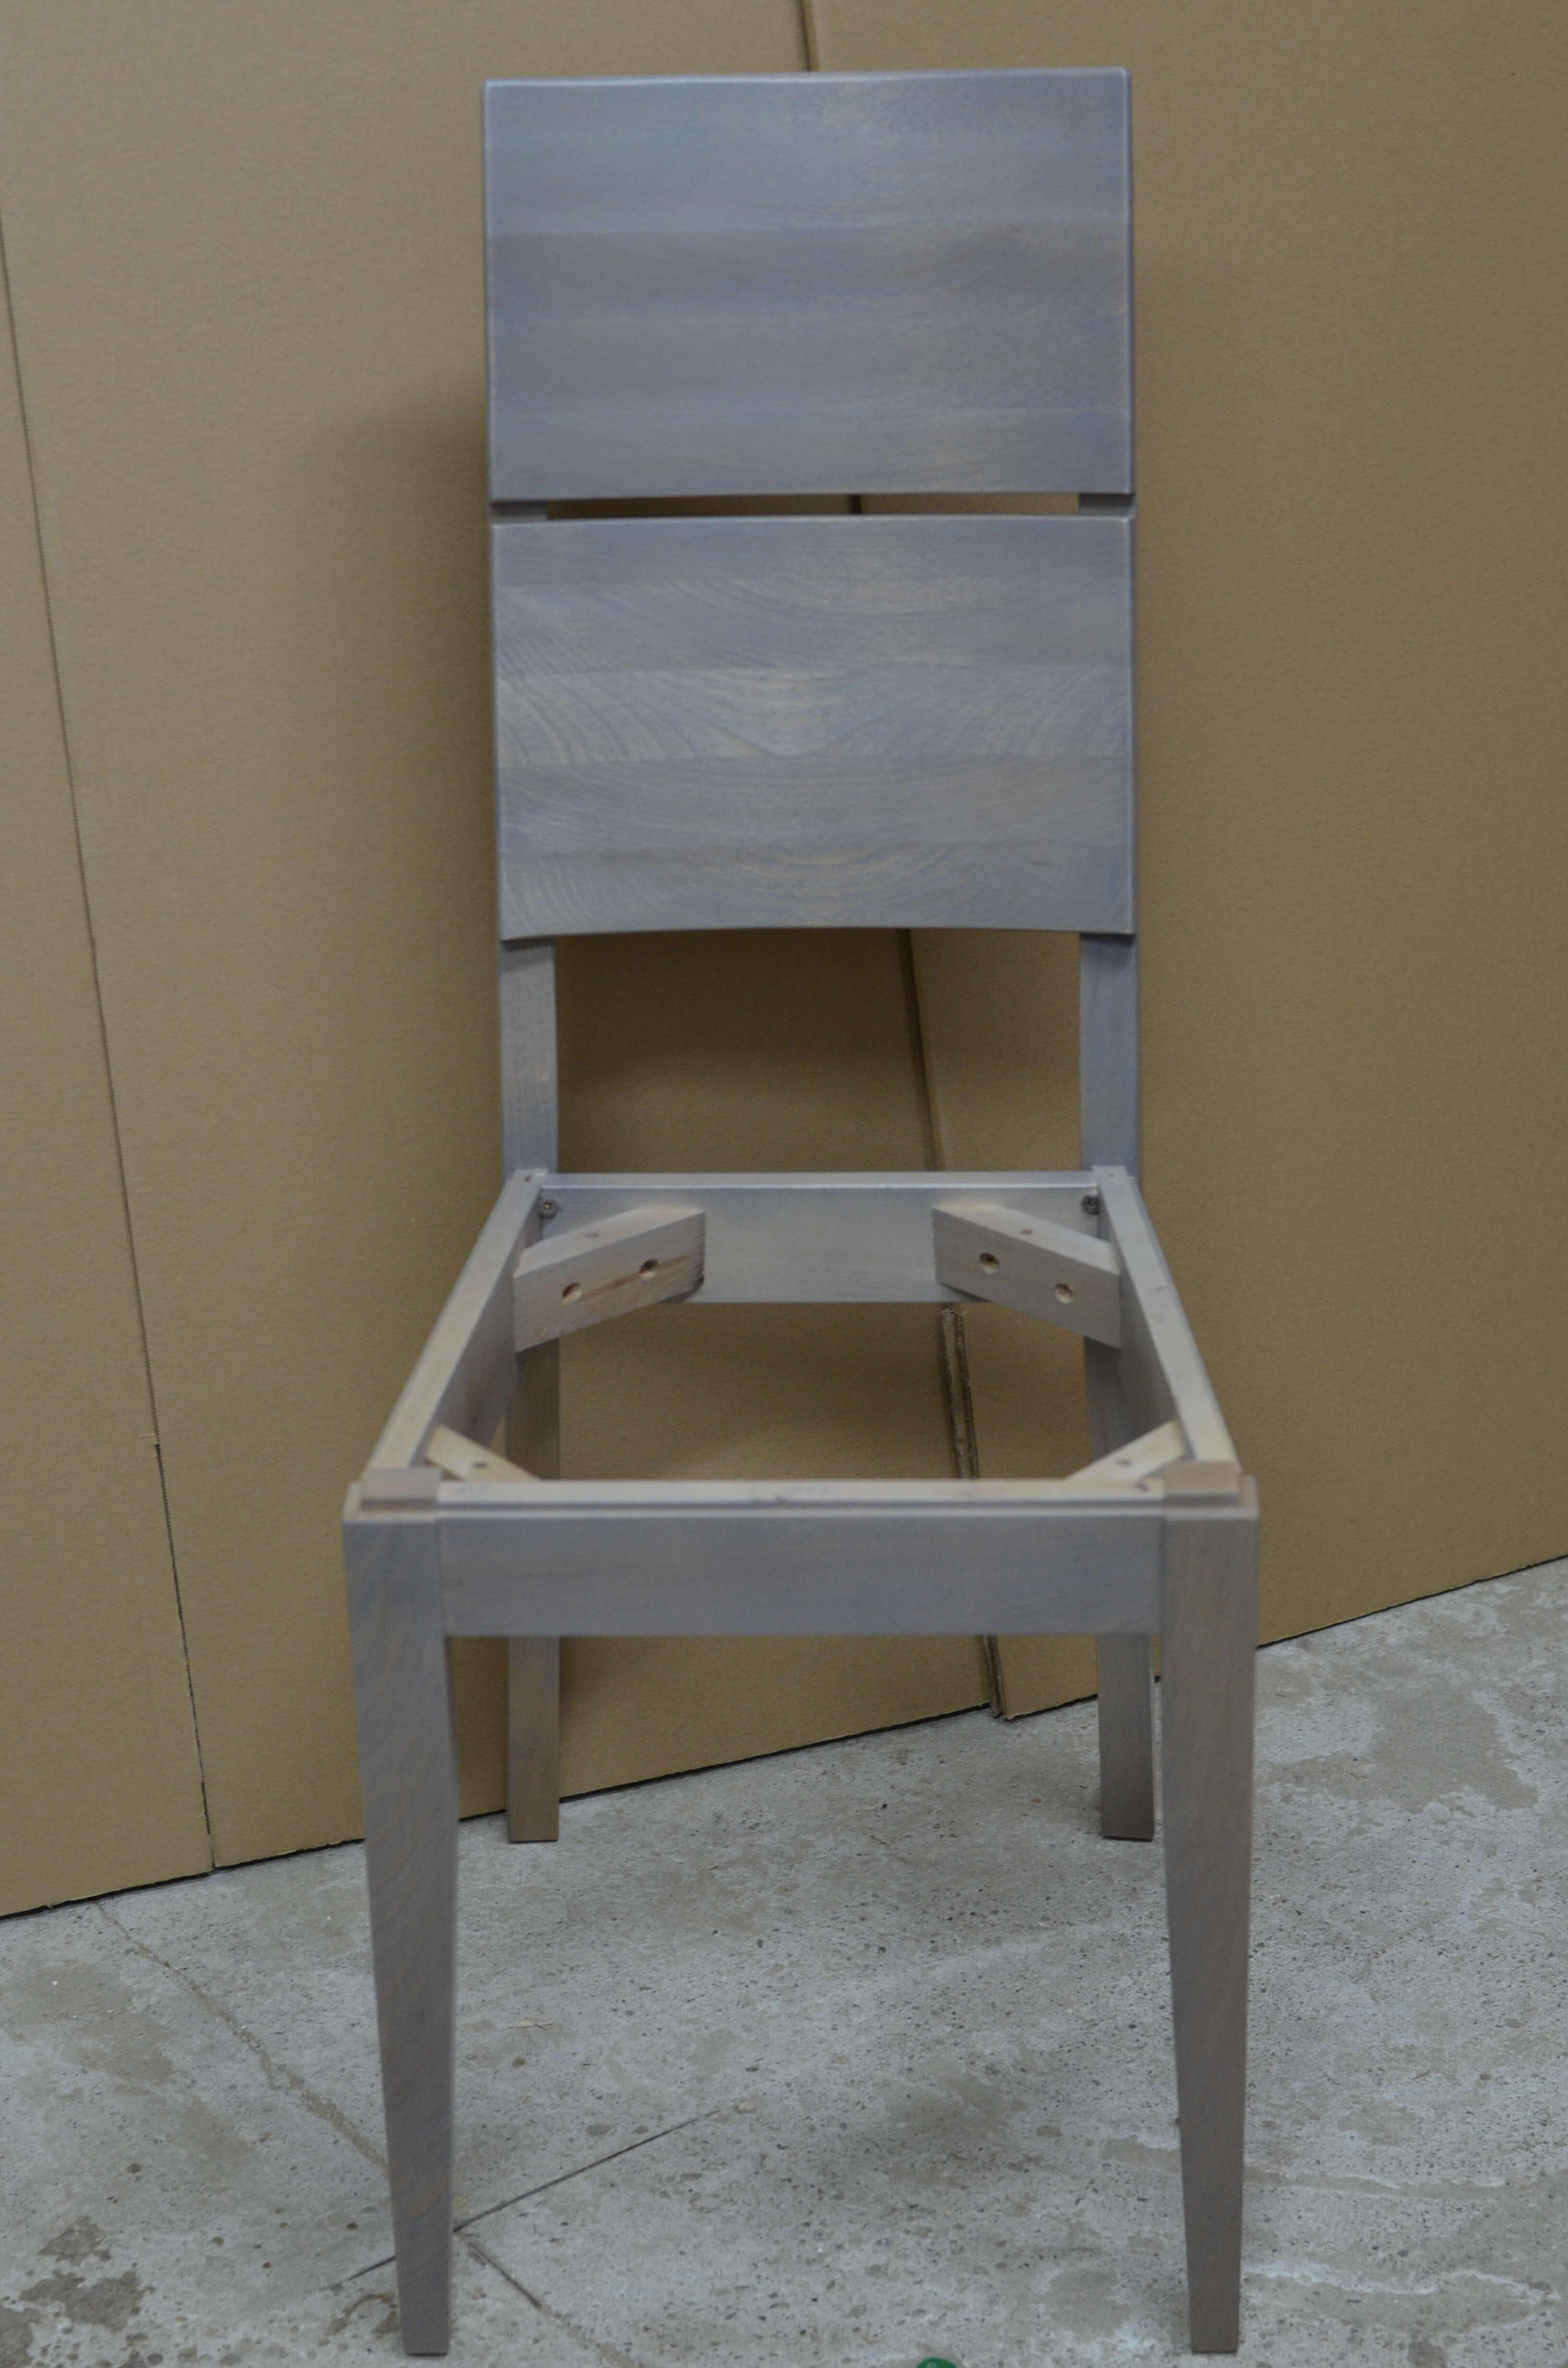 Zaawansowane Krzesła - Producent Edar DL57